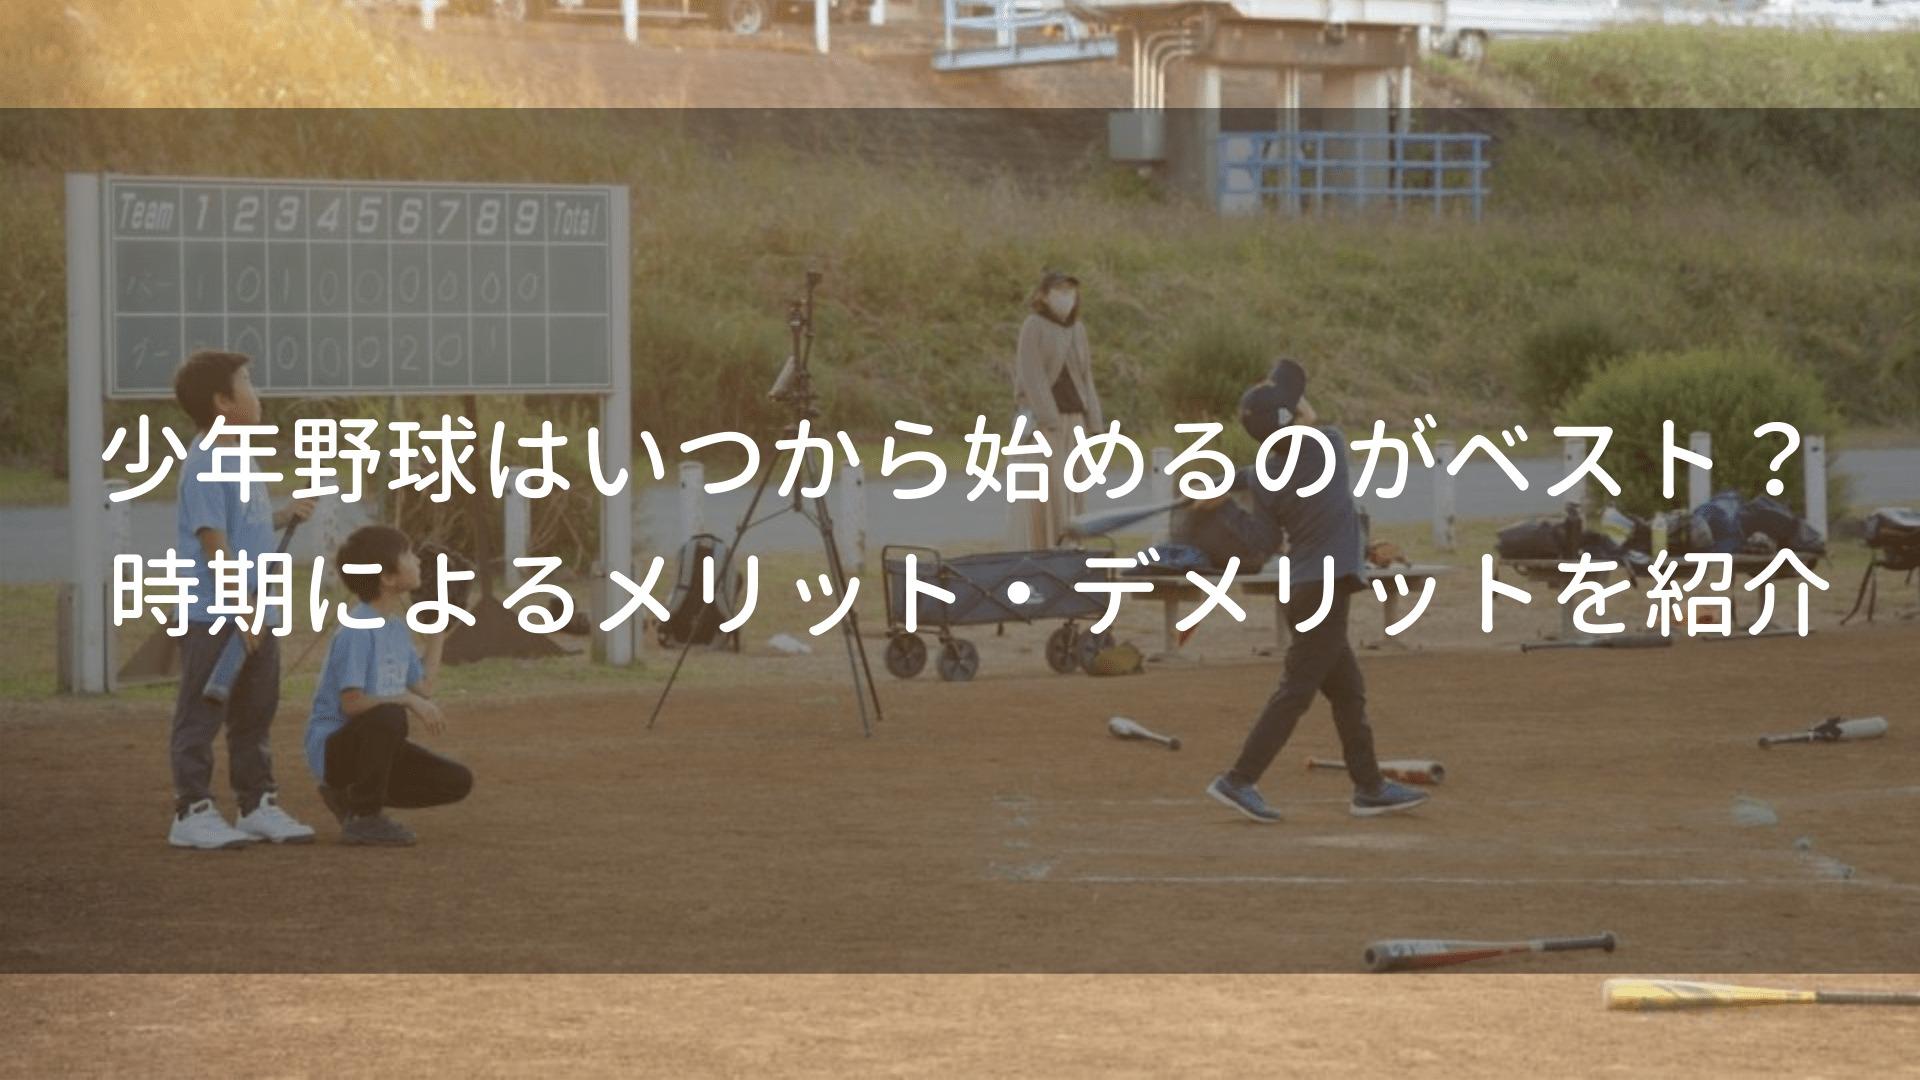 少年野球はいつから始めるのがベスト? 時期によるメリット・デメリットを紹介のアイキャッチ